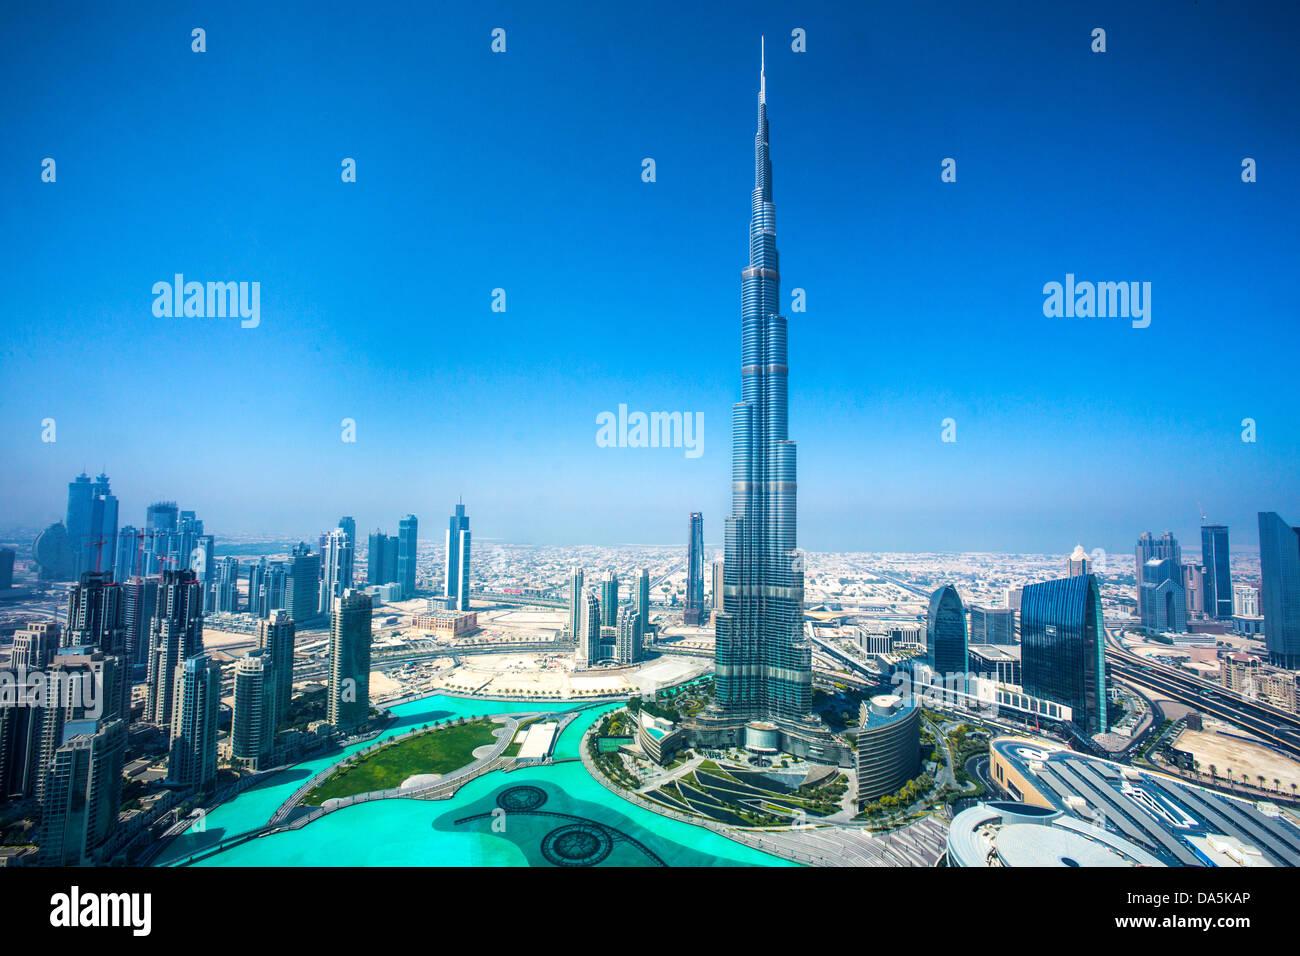 Emiratos Árabes Unidos, EAU, Dubai, Burj Khalifa, Ciudad, arquitectura, centro, desierto, en el centro de la ciudad, Foto de stock